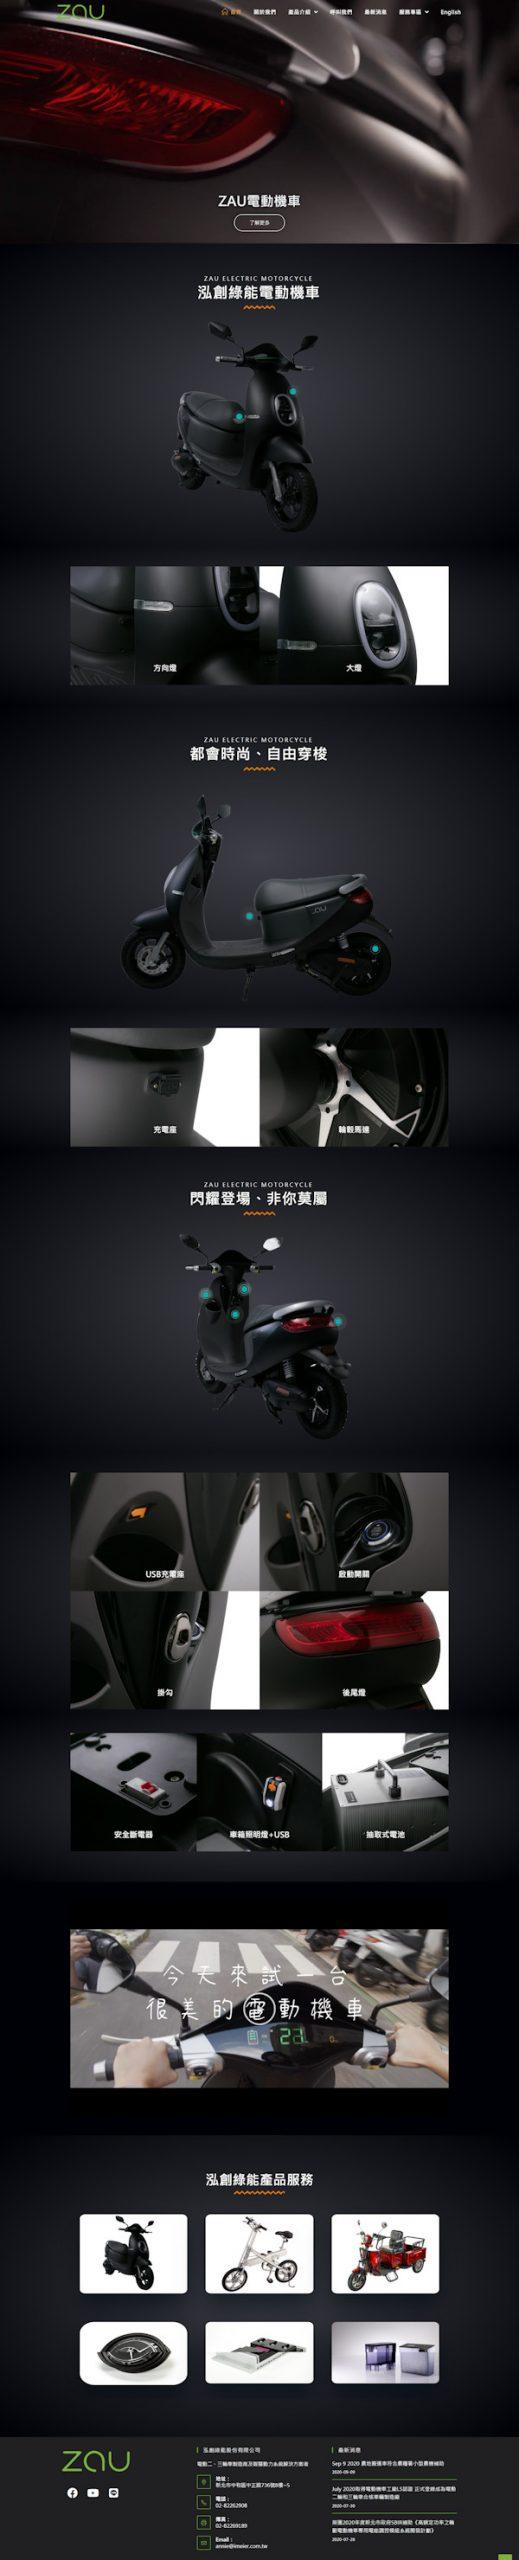 網頁設計-電動機車2